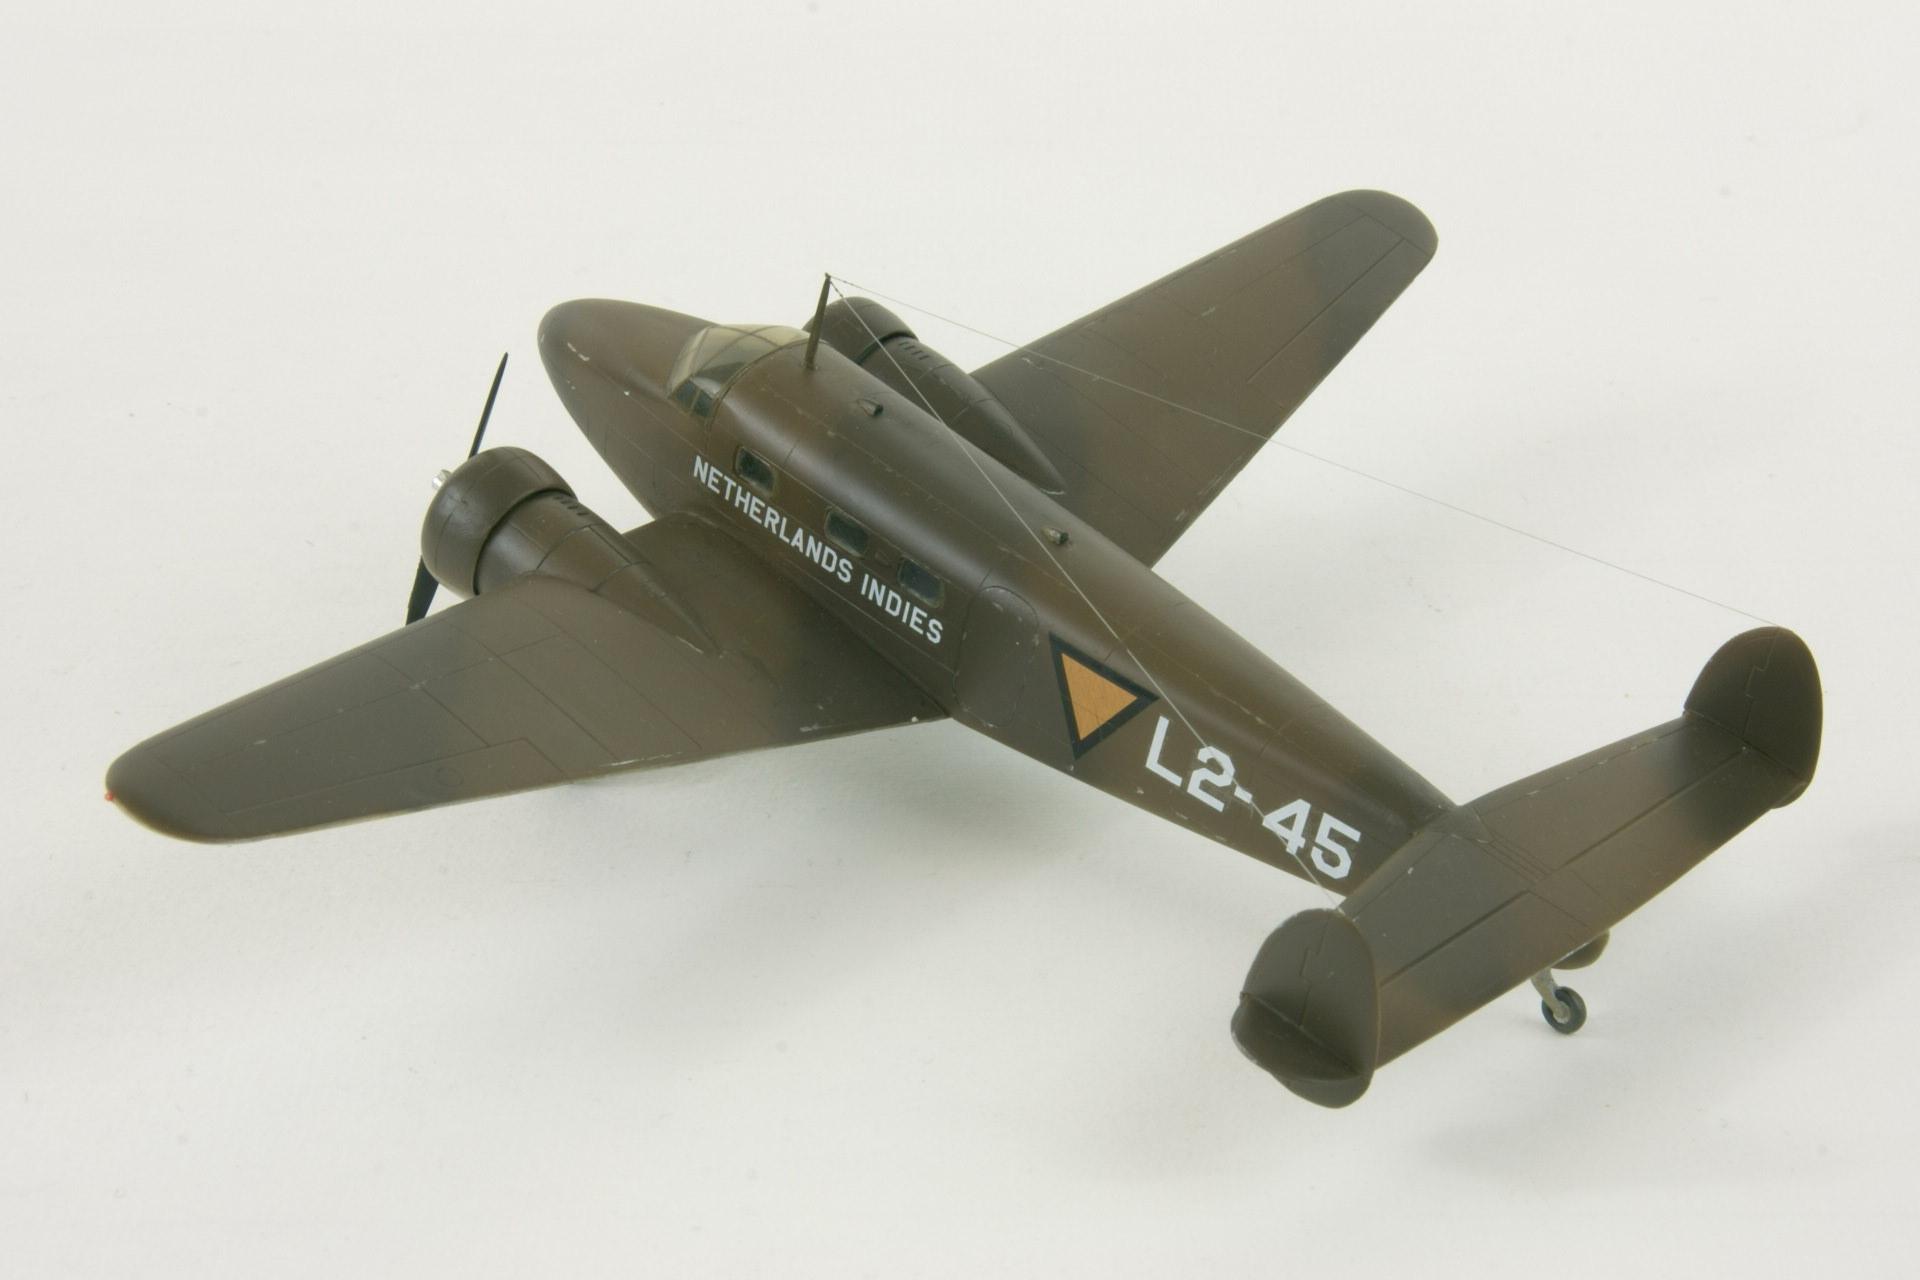 Lockheed 12 26 2 2